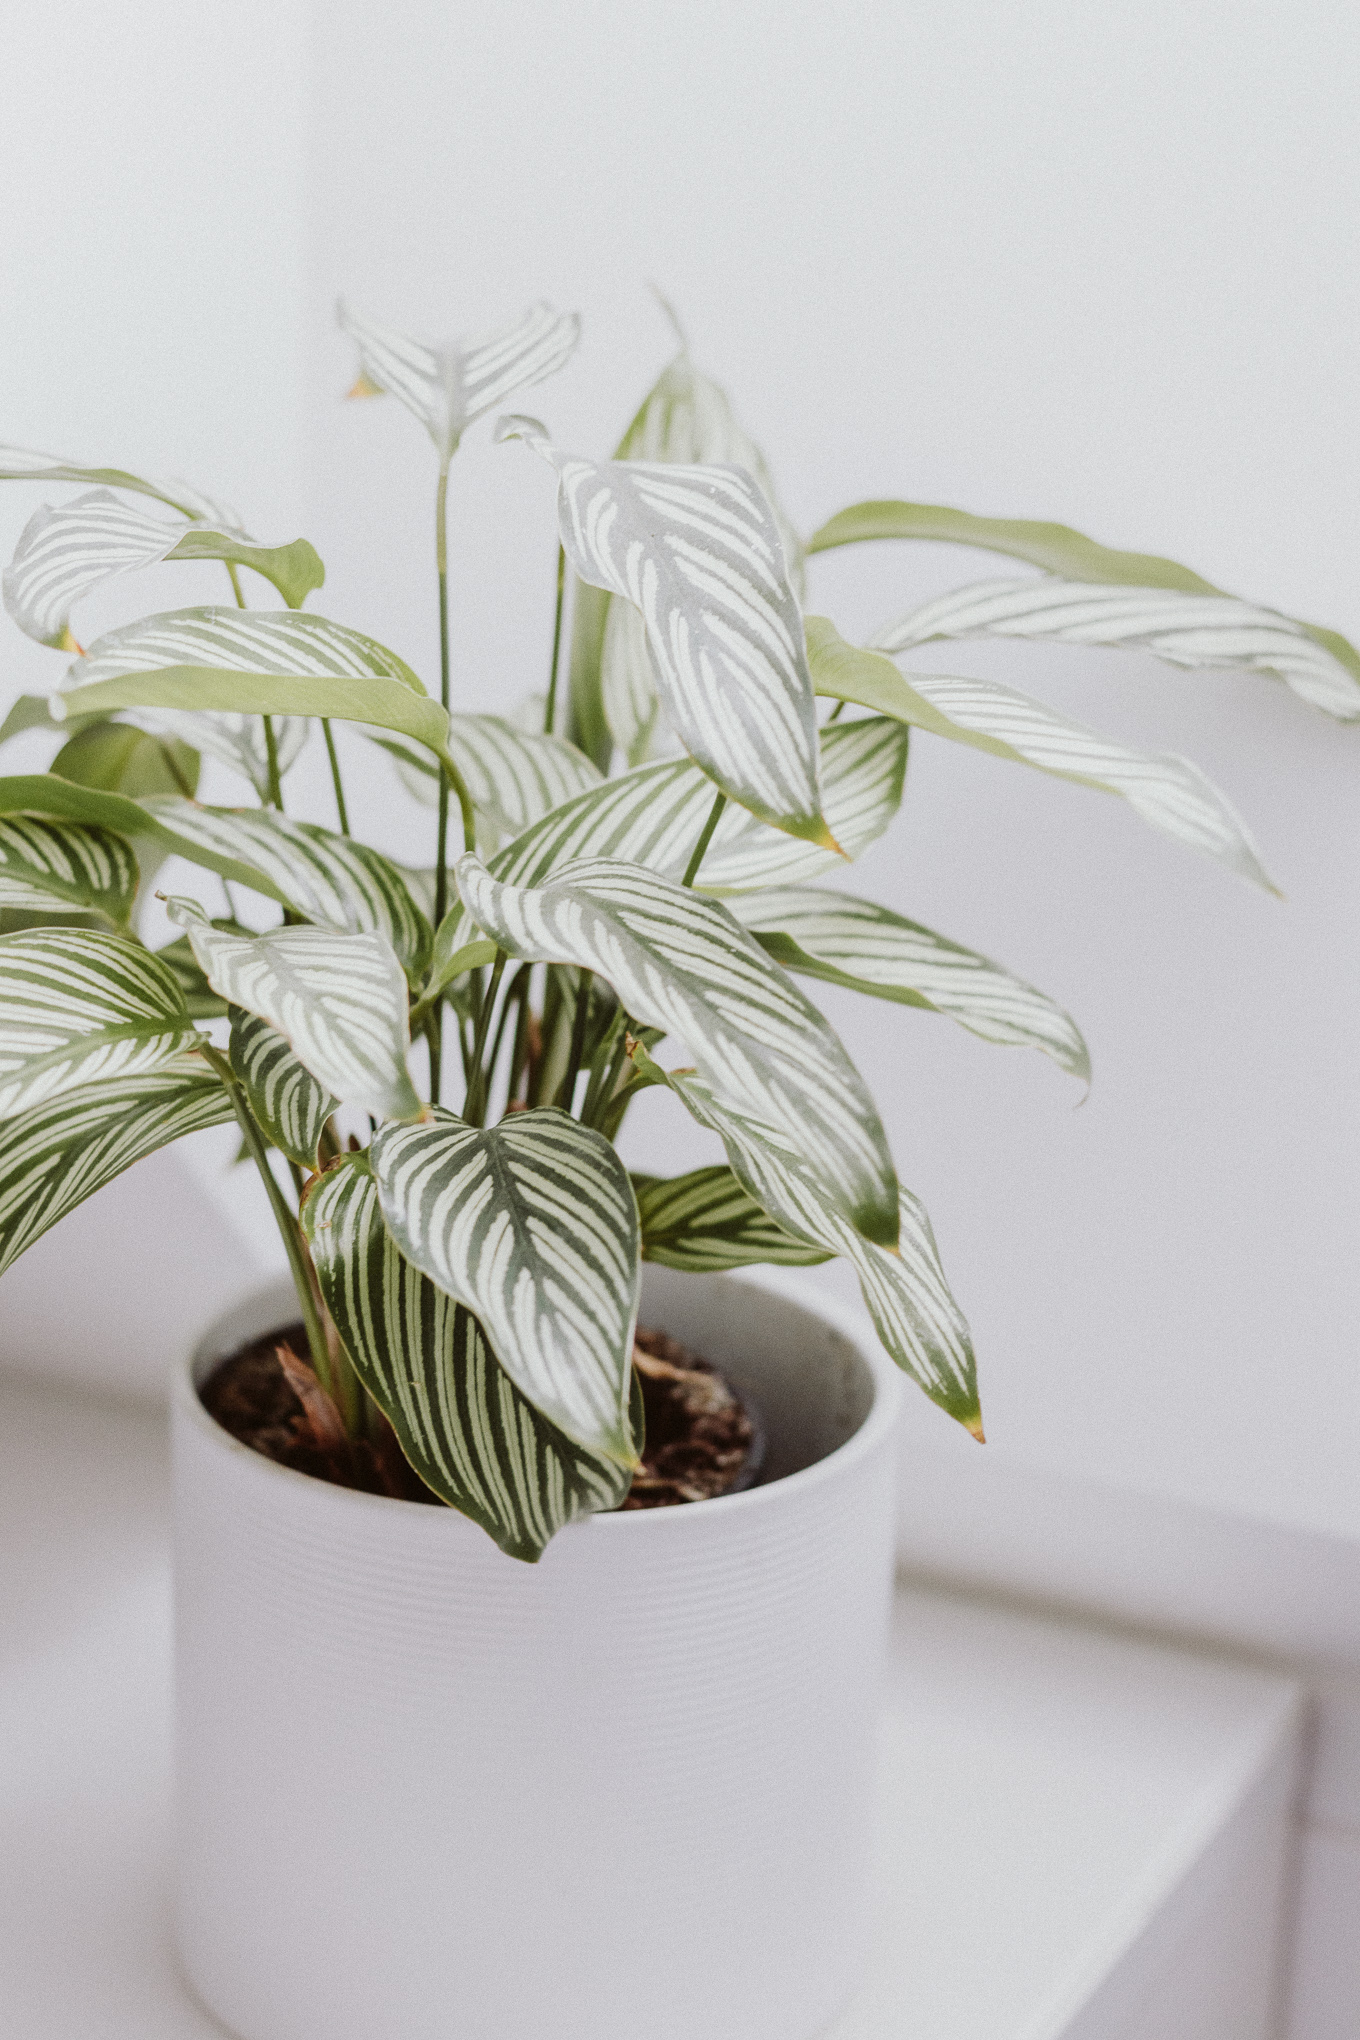 The Daily Dose Pflanzenpflege